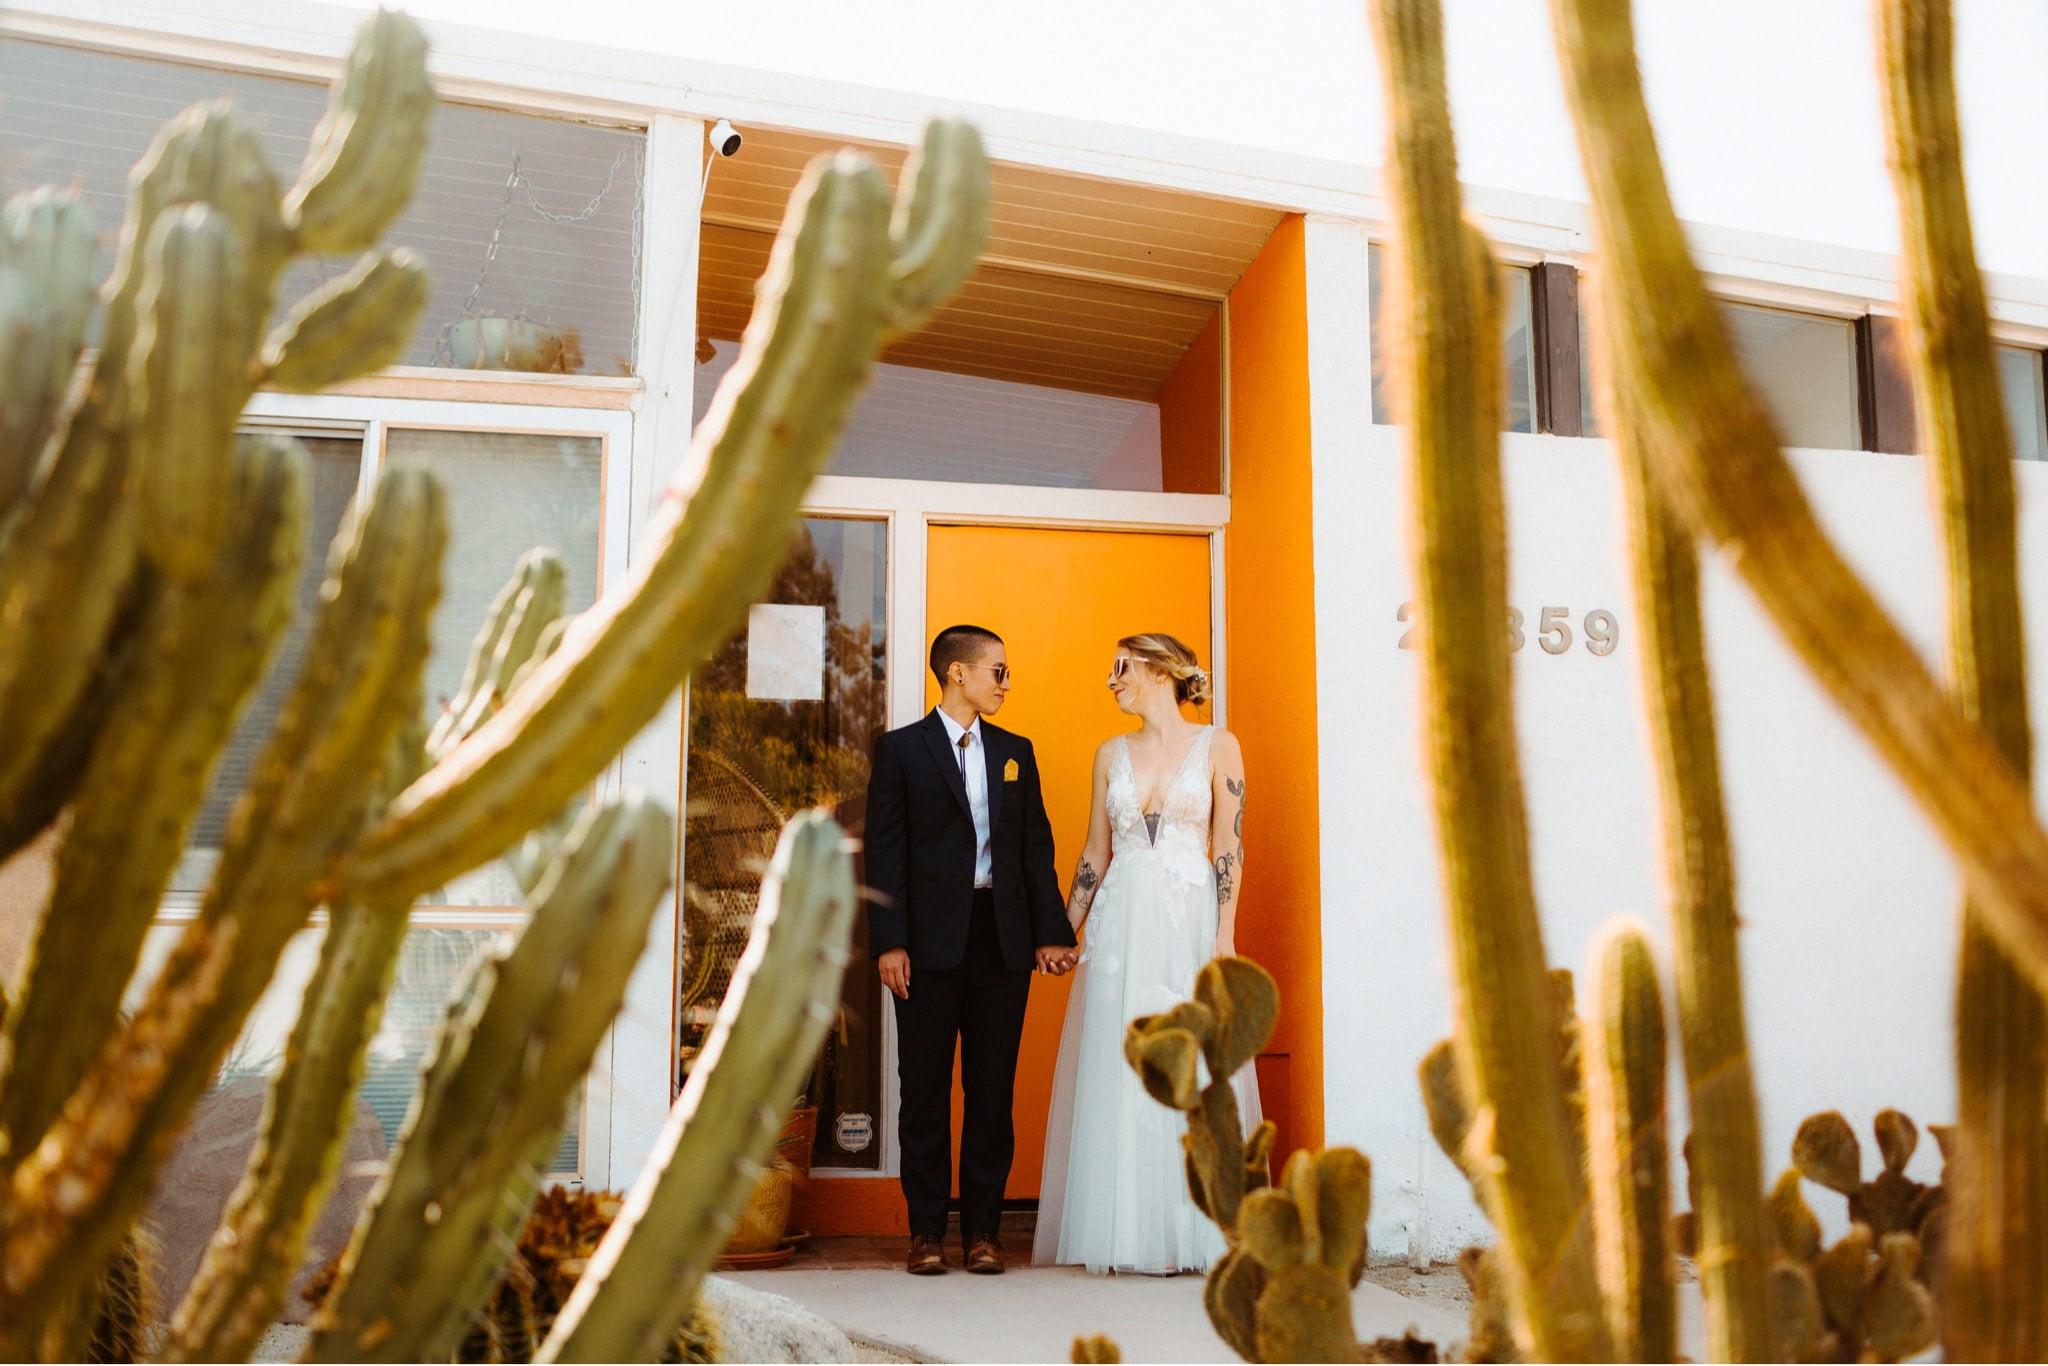 joshua tree lgbtq wedding